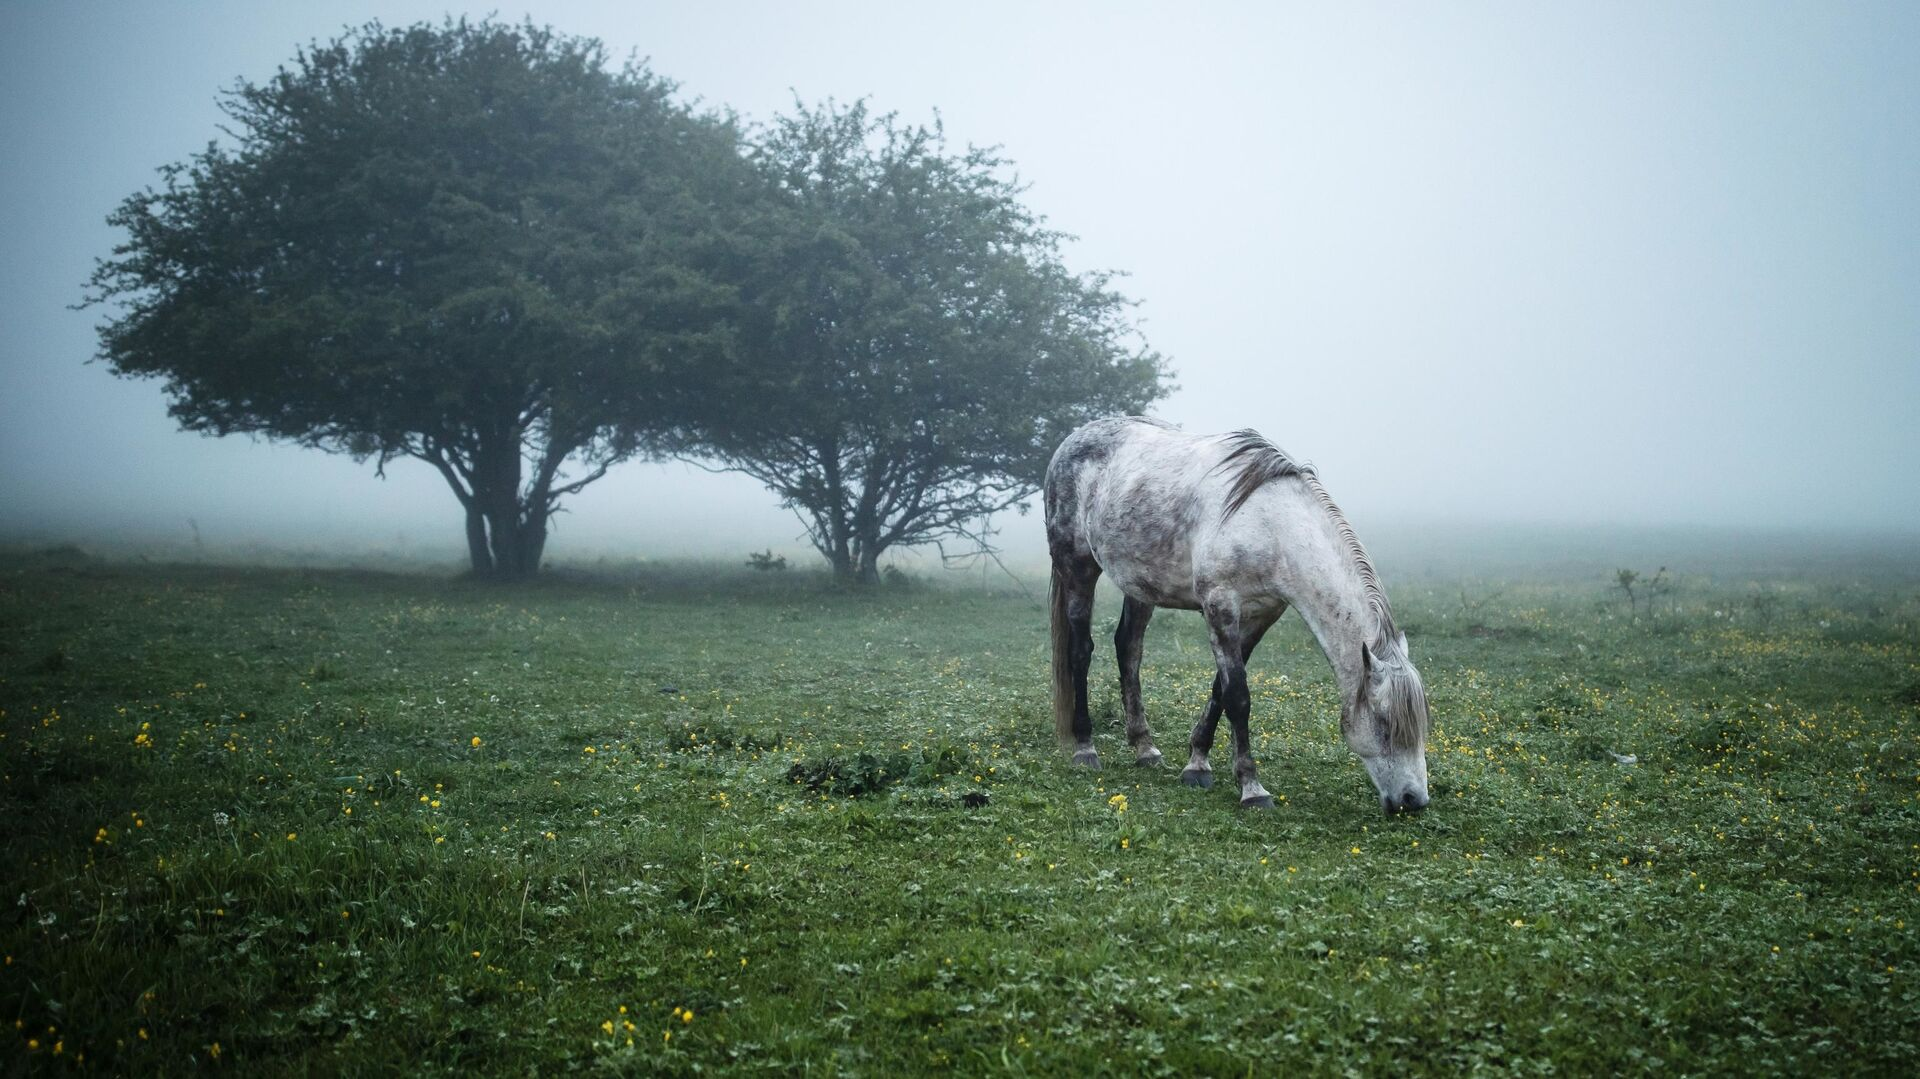 Un cavallo pascola in un prato nella regione di Adighezia, Russia. - Sputnik Italia, 1920, 05.04.2021